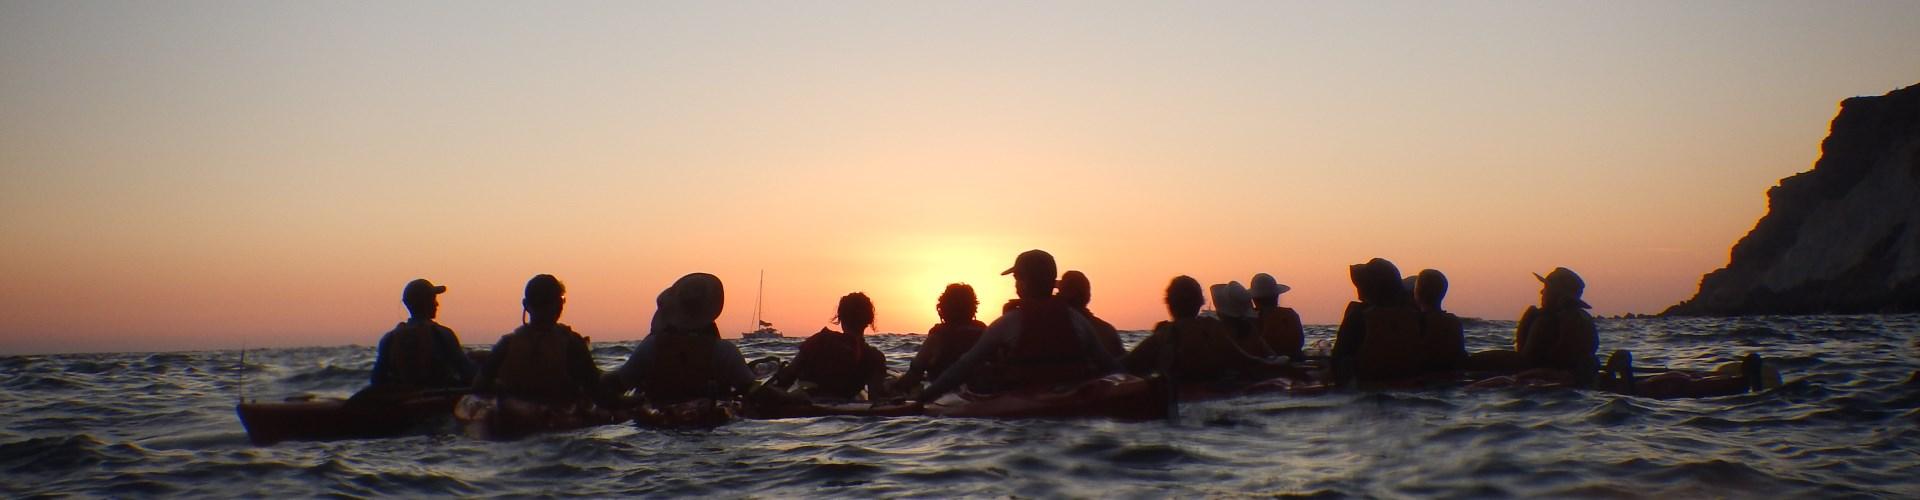 Photo of Santorini Sunset Sea Kayaking Tour